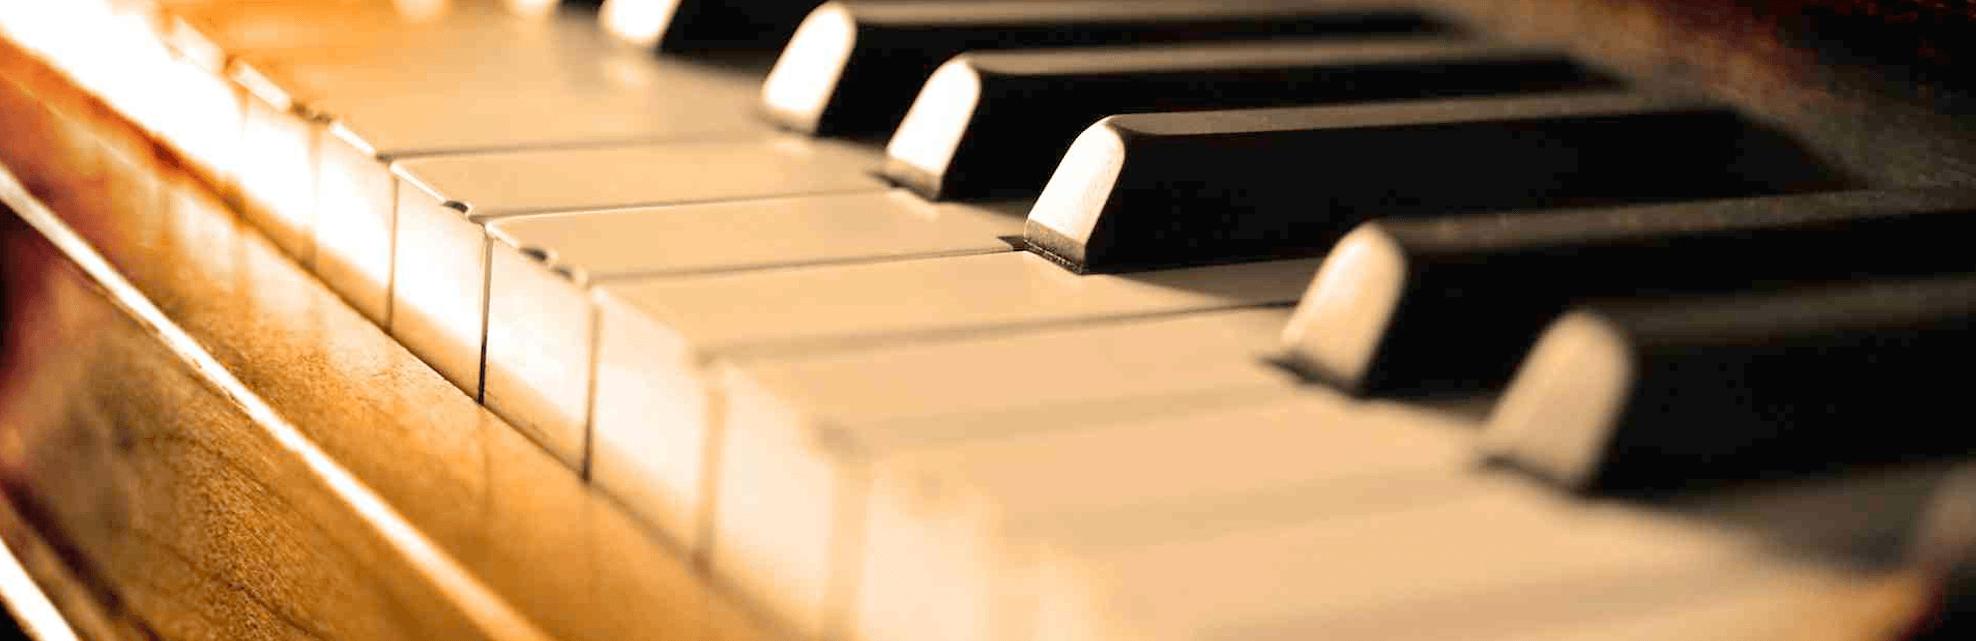 cabecera ruta musica